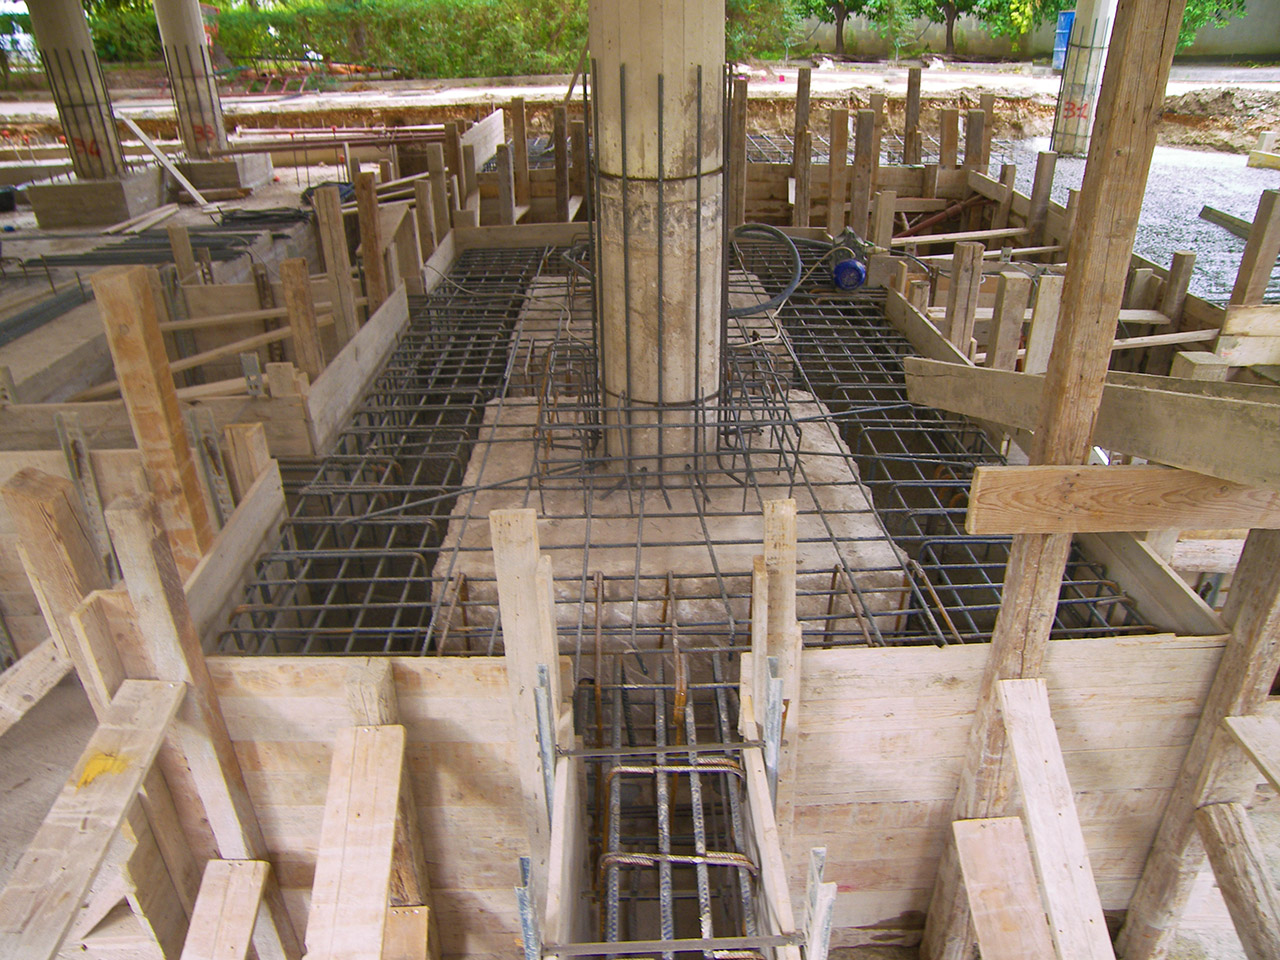 costruzioni restauri sirio ostuni consolidamento strutturale fondazioni suglia passeri rutigliano